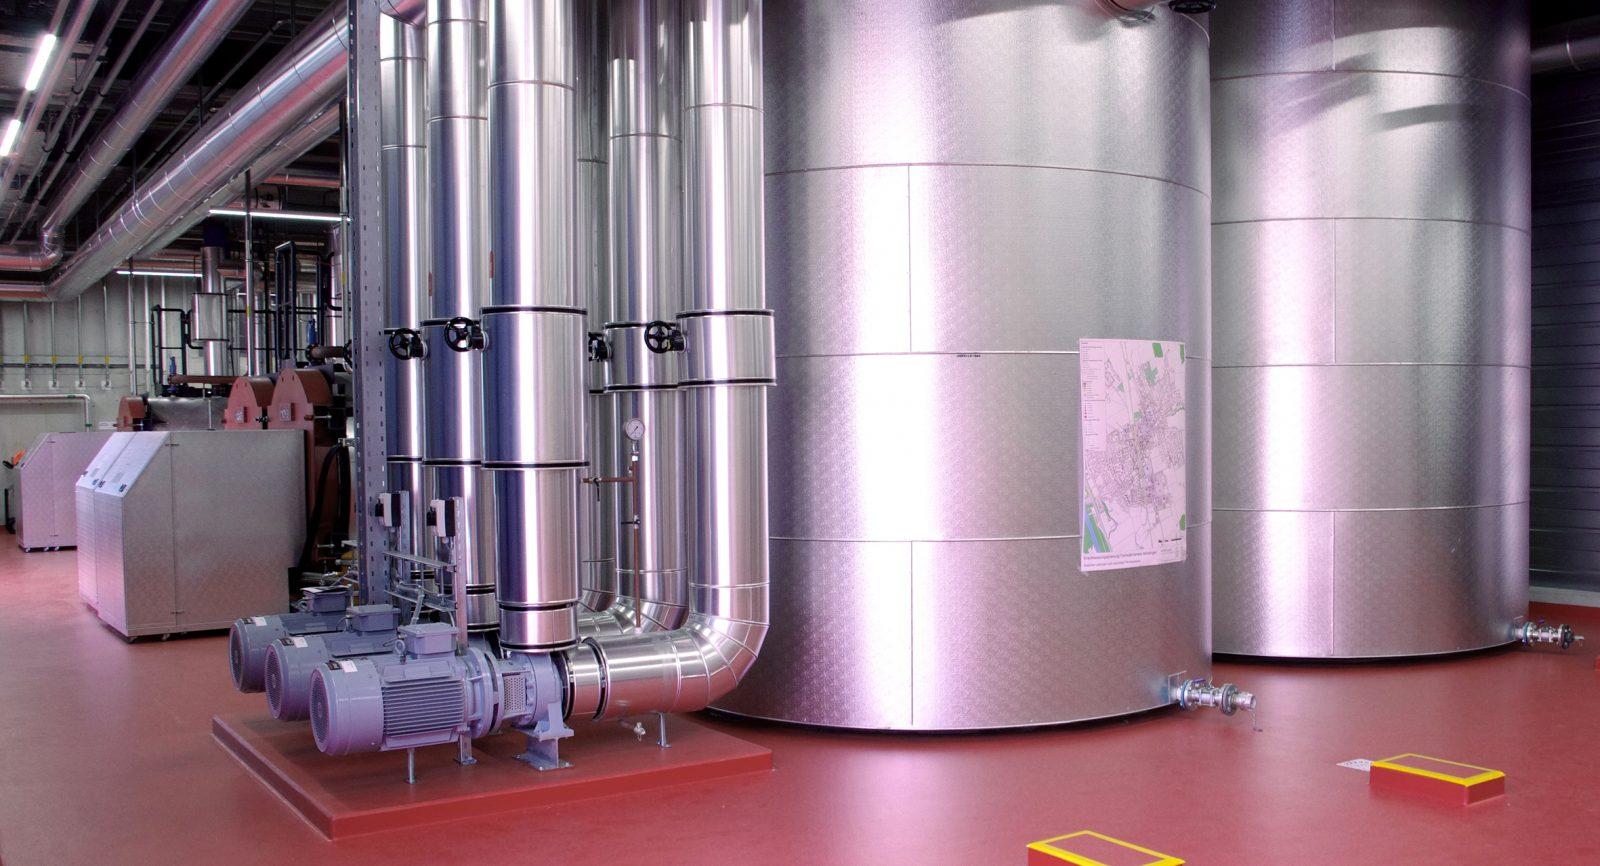 Zwei Pufferspeicher und drei Zweistoffkessel (Spitzenlast und Redundanz) stehen in der Energiezentrale zur Verfügung. Die Fundamente für das zweite BHKW im Endausbau sind bereit.